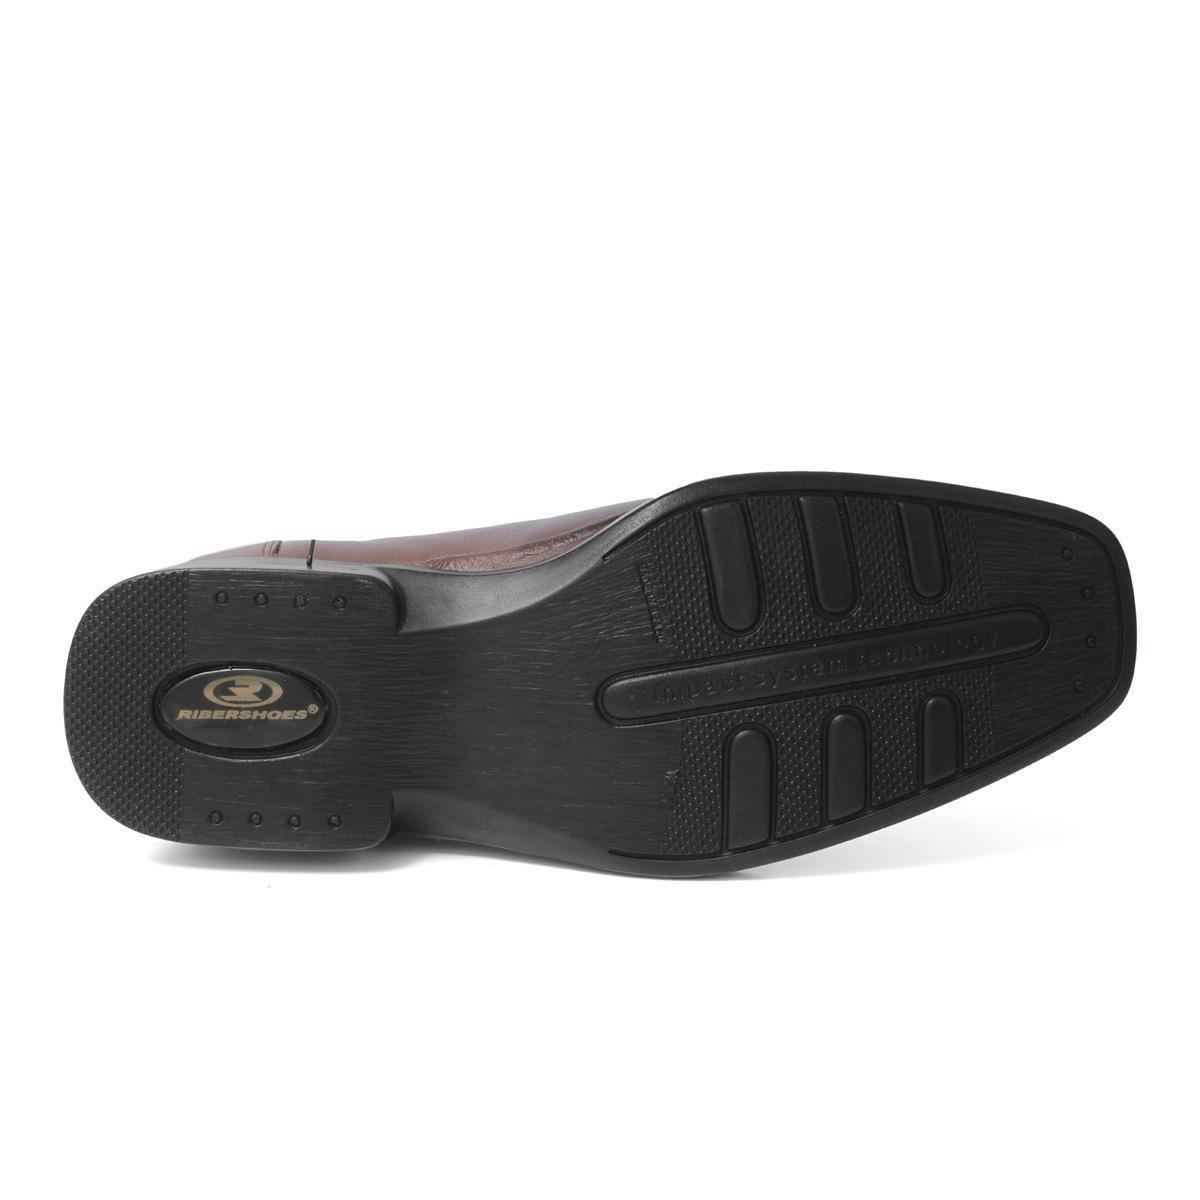 505cd25df ... Sapato 100% Couro Riber Shoes Elastico Anti-Stress Masculino